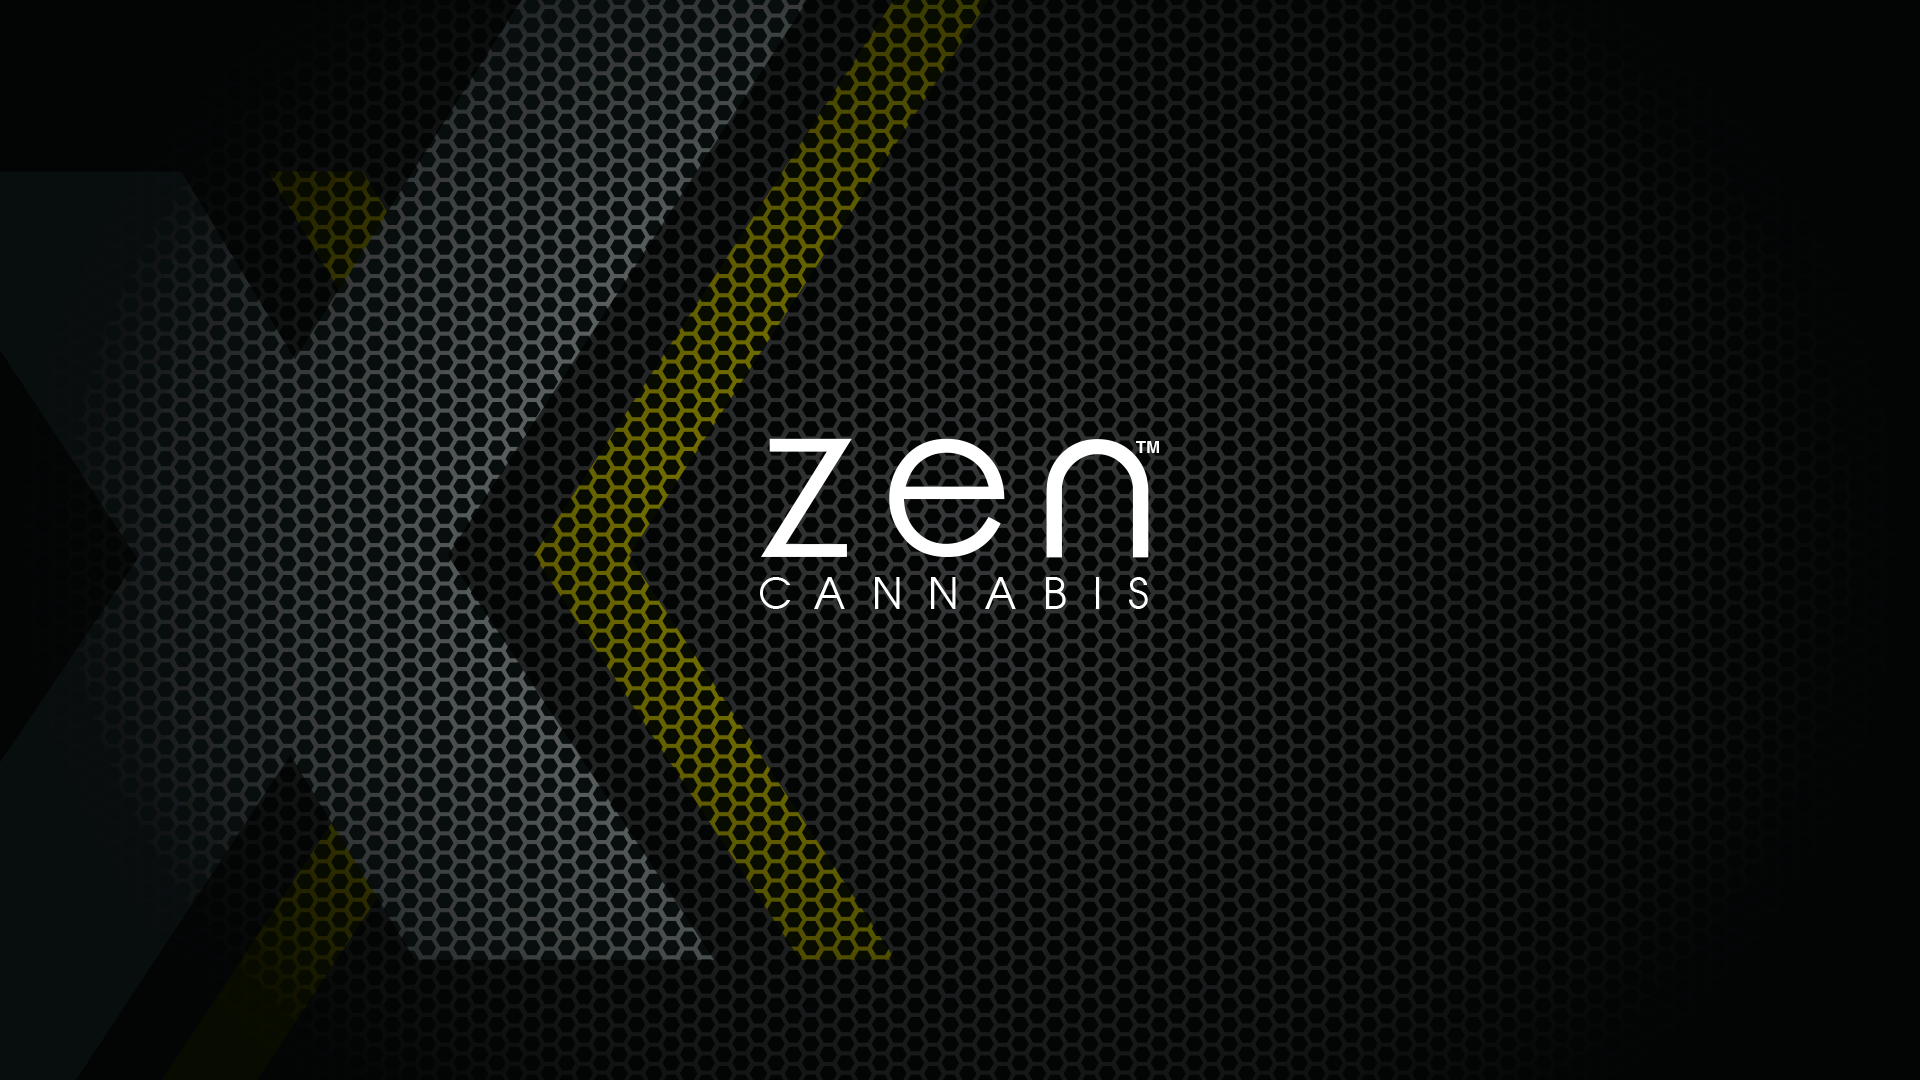 Zen-XXX